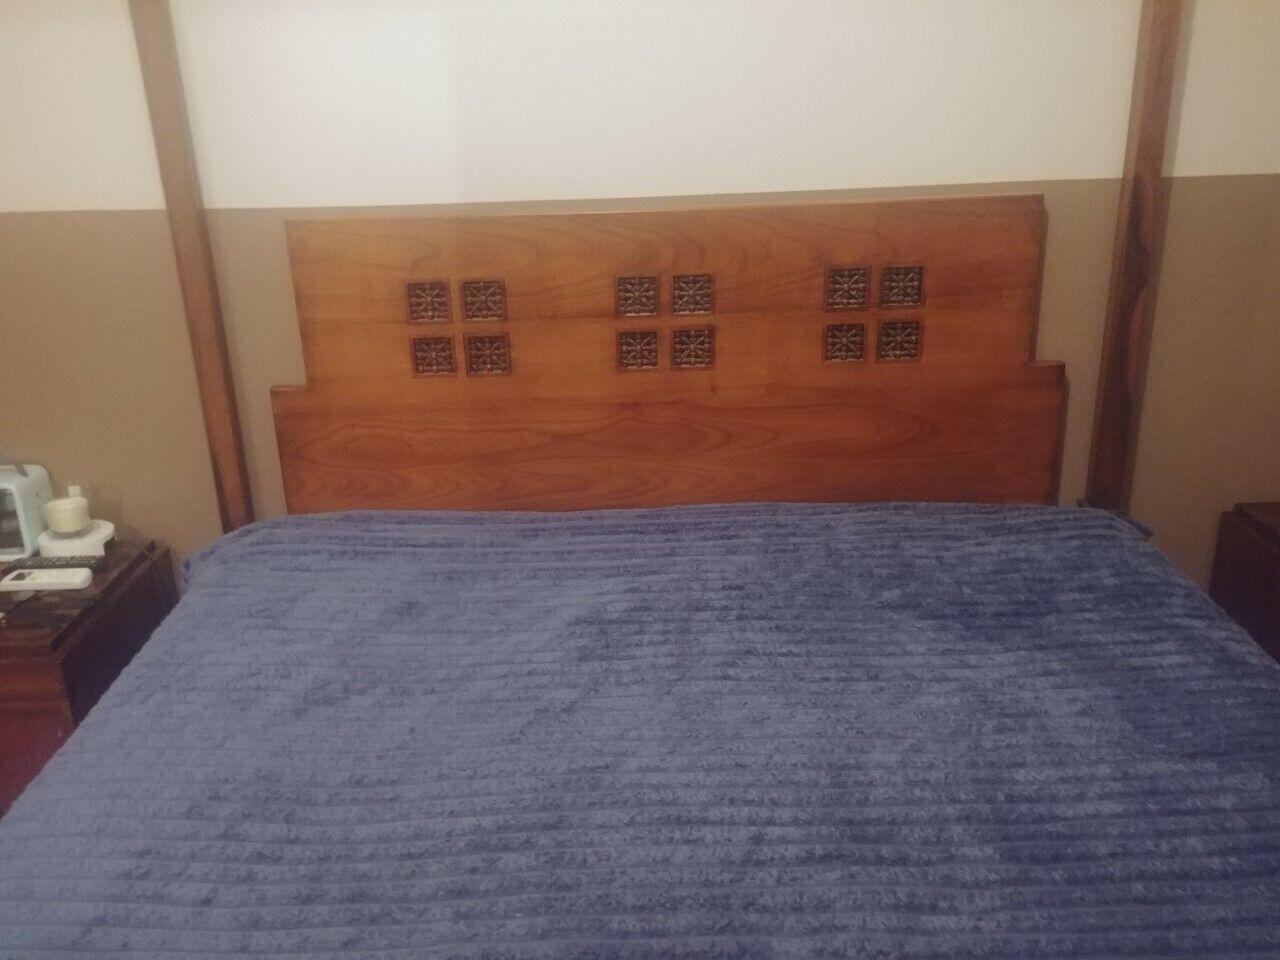 Cadre de lit médina roche bobois avec baldaquin 160*200 + 2 chevets + literie